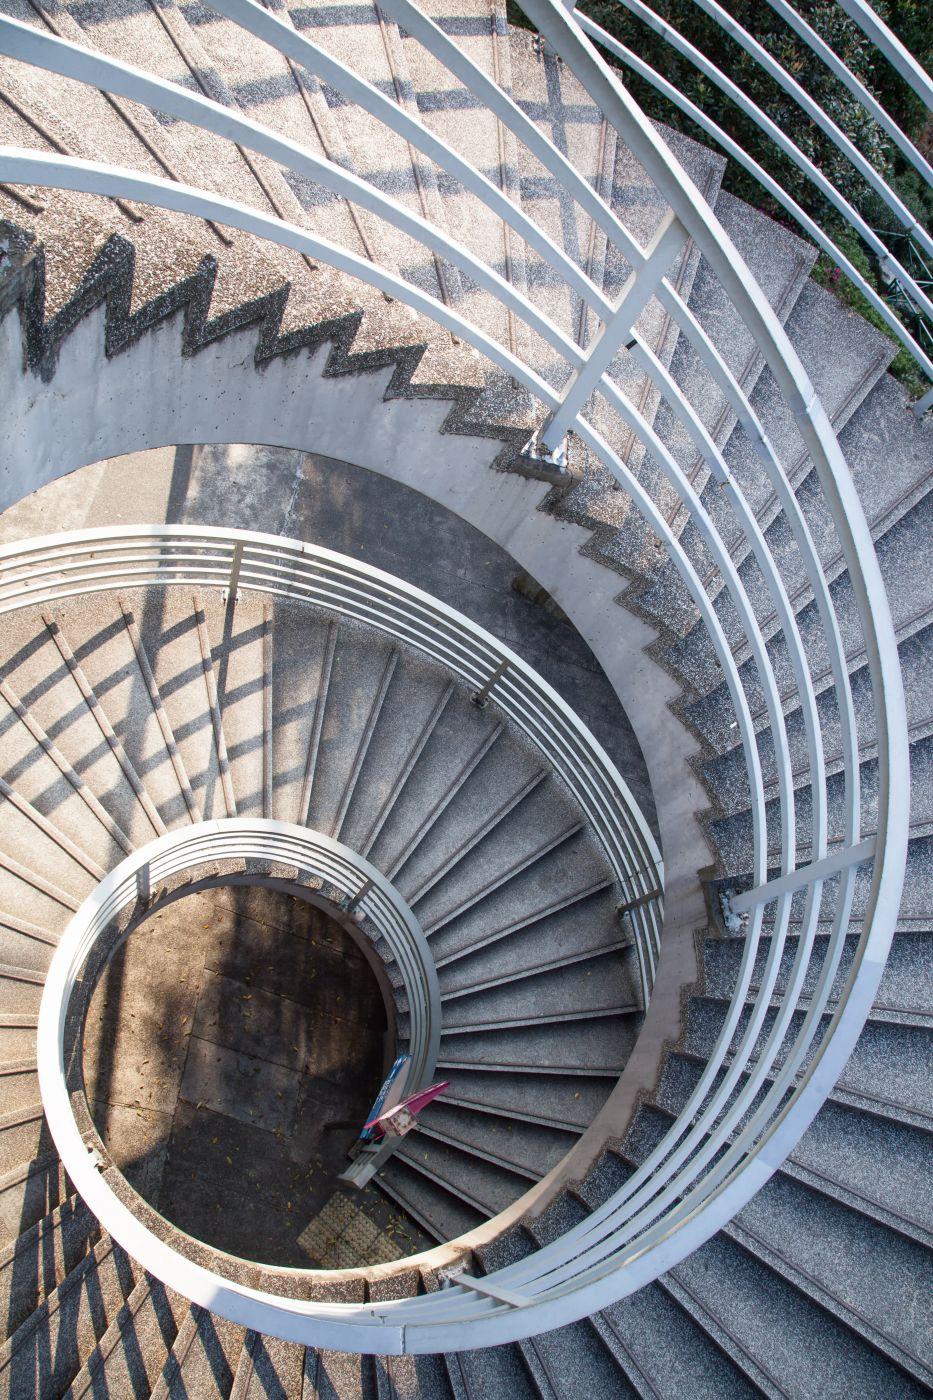 Spiral Stair Case, Hong Kong